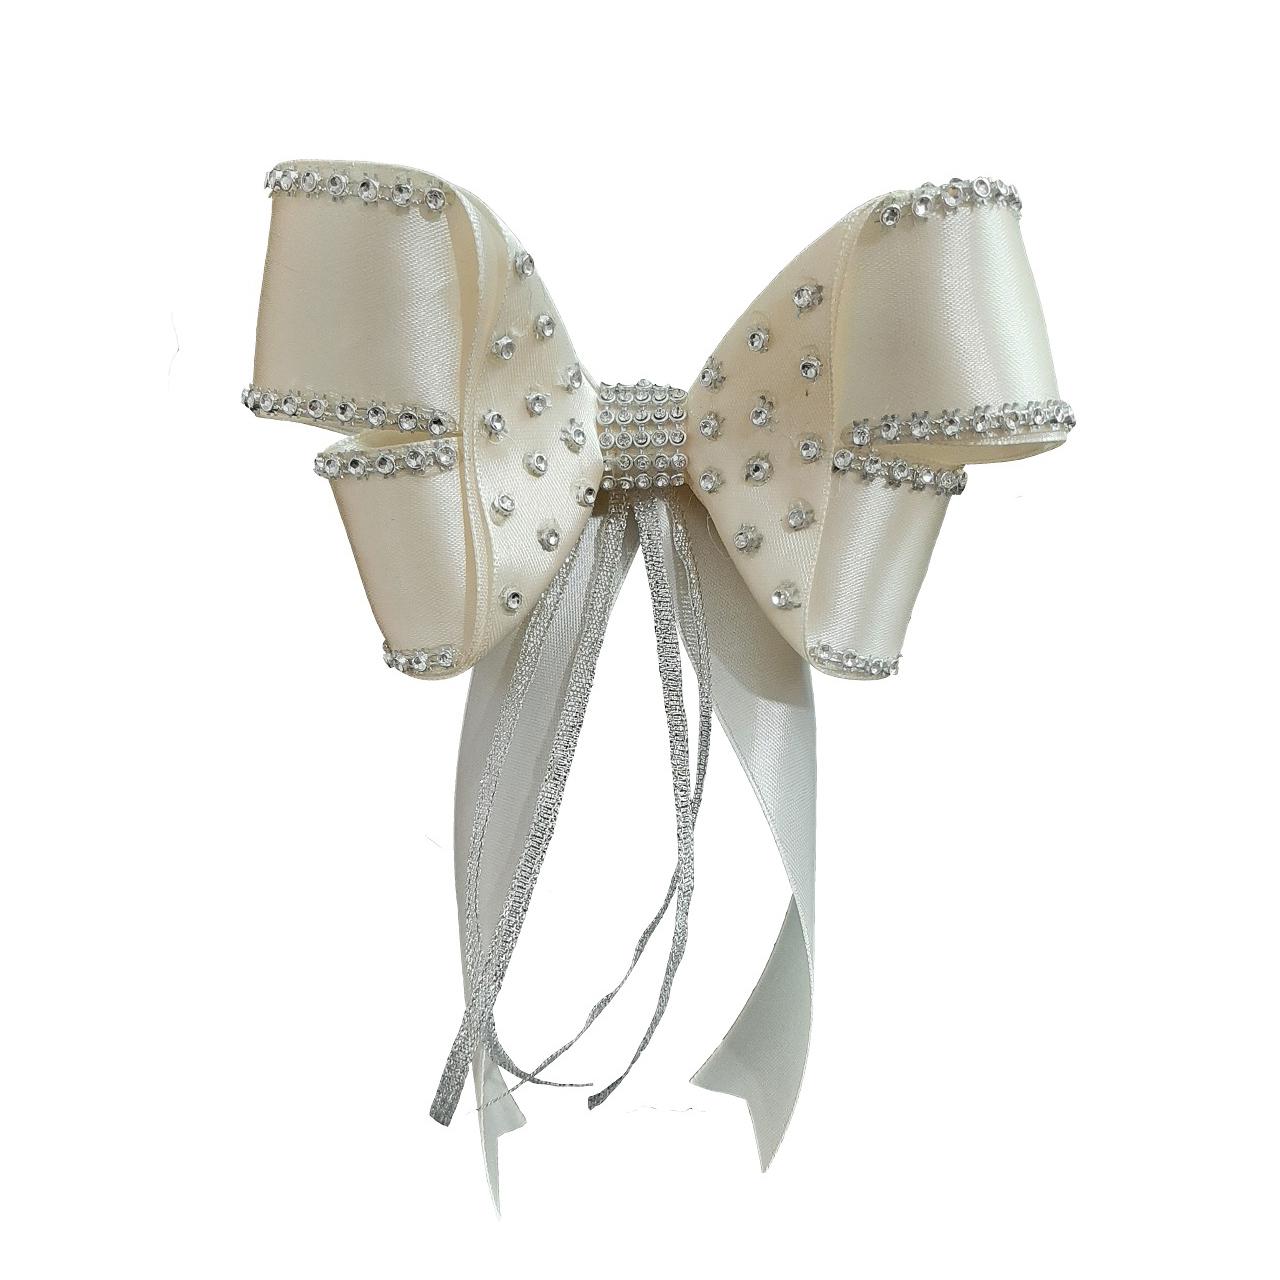 پاپیون تزئینی مدل butterfly-A کد 16 بسته 50 عددی